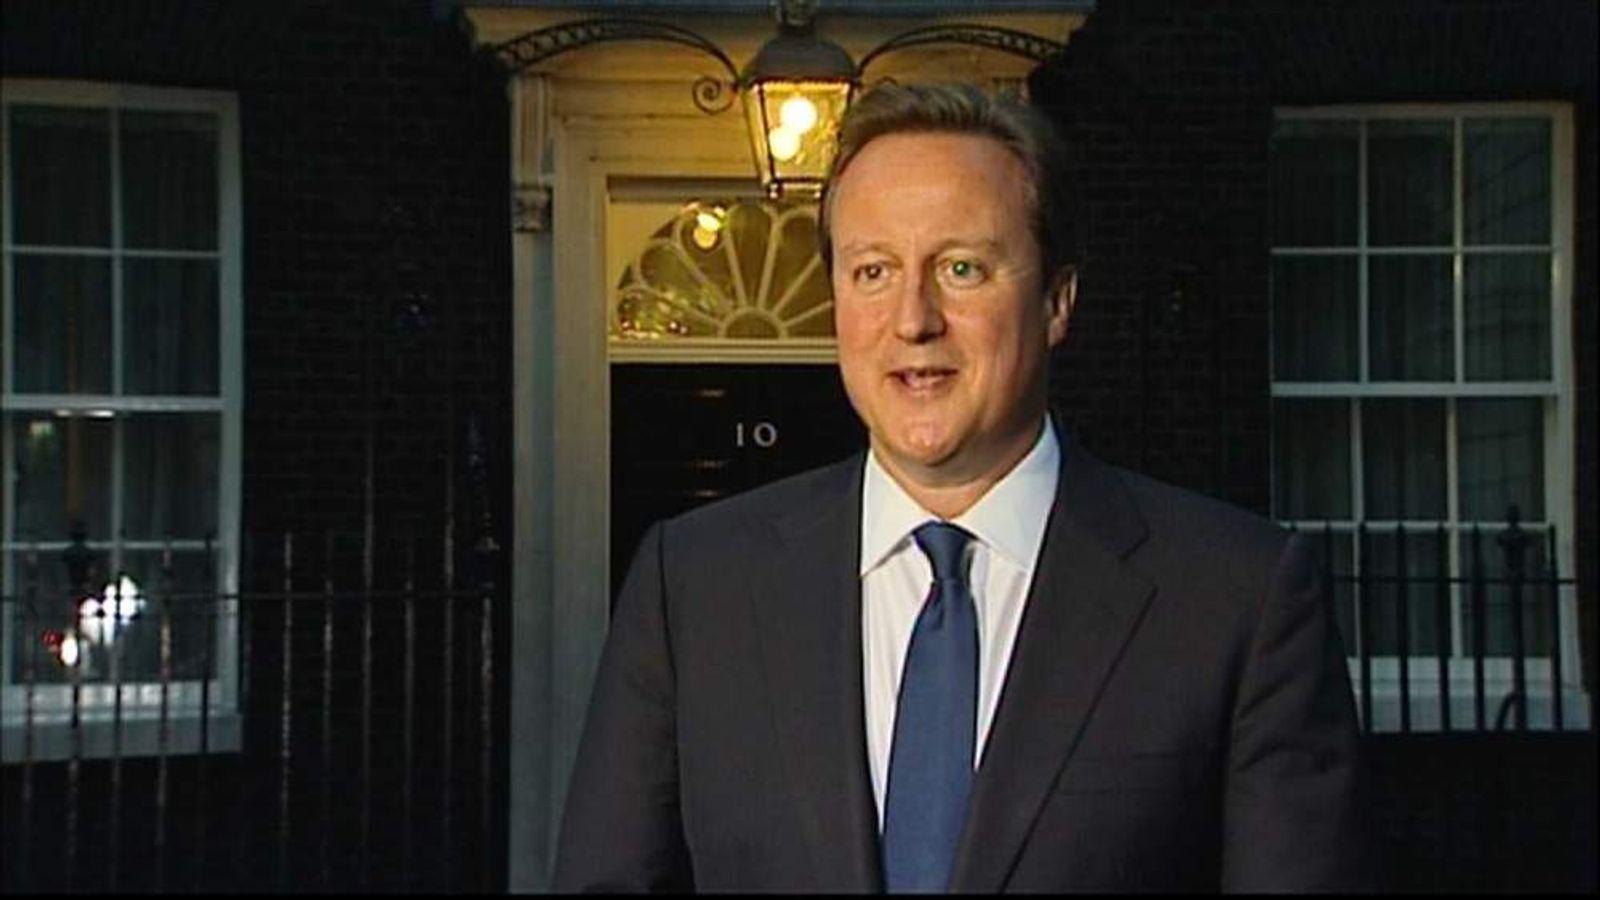 David Cameron greets news of royal baby